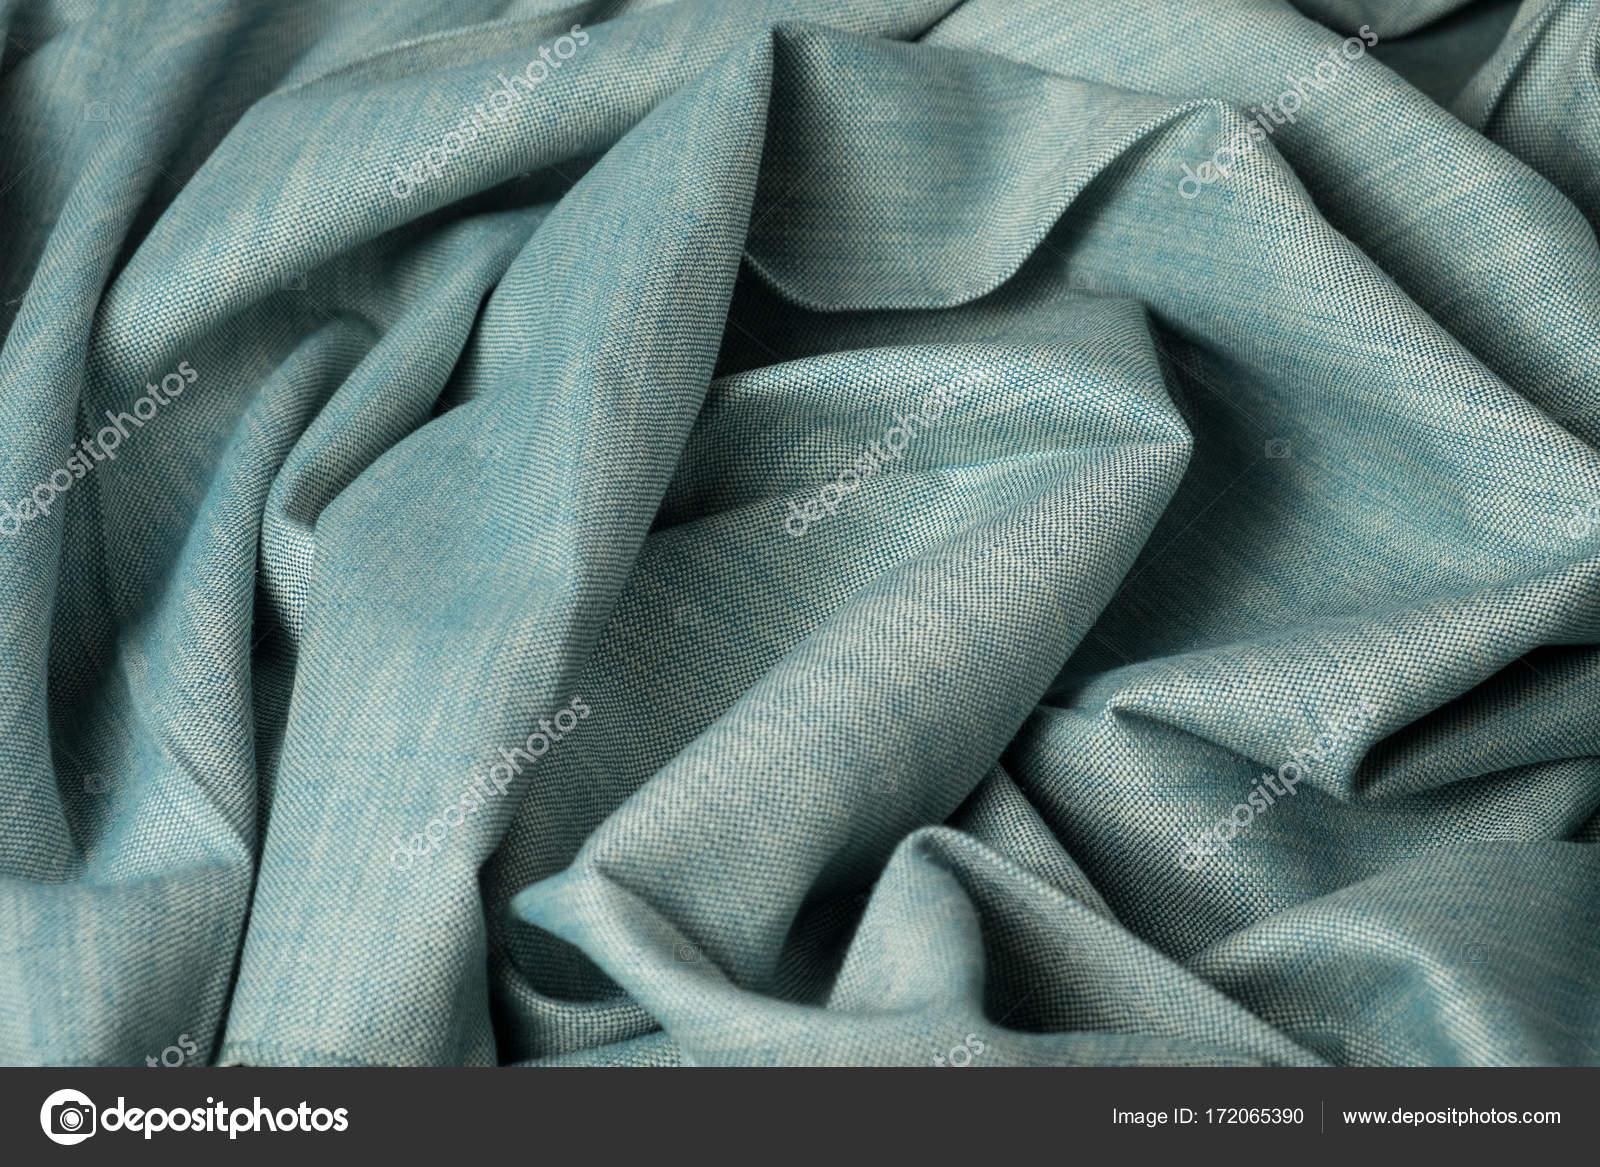 Zerknitterten Stoff Hintergrund und Textur. Zusammenfassung ...